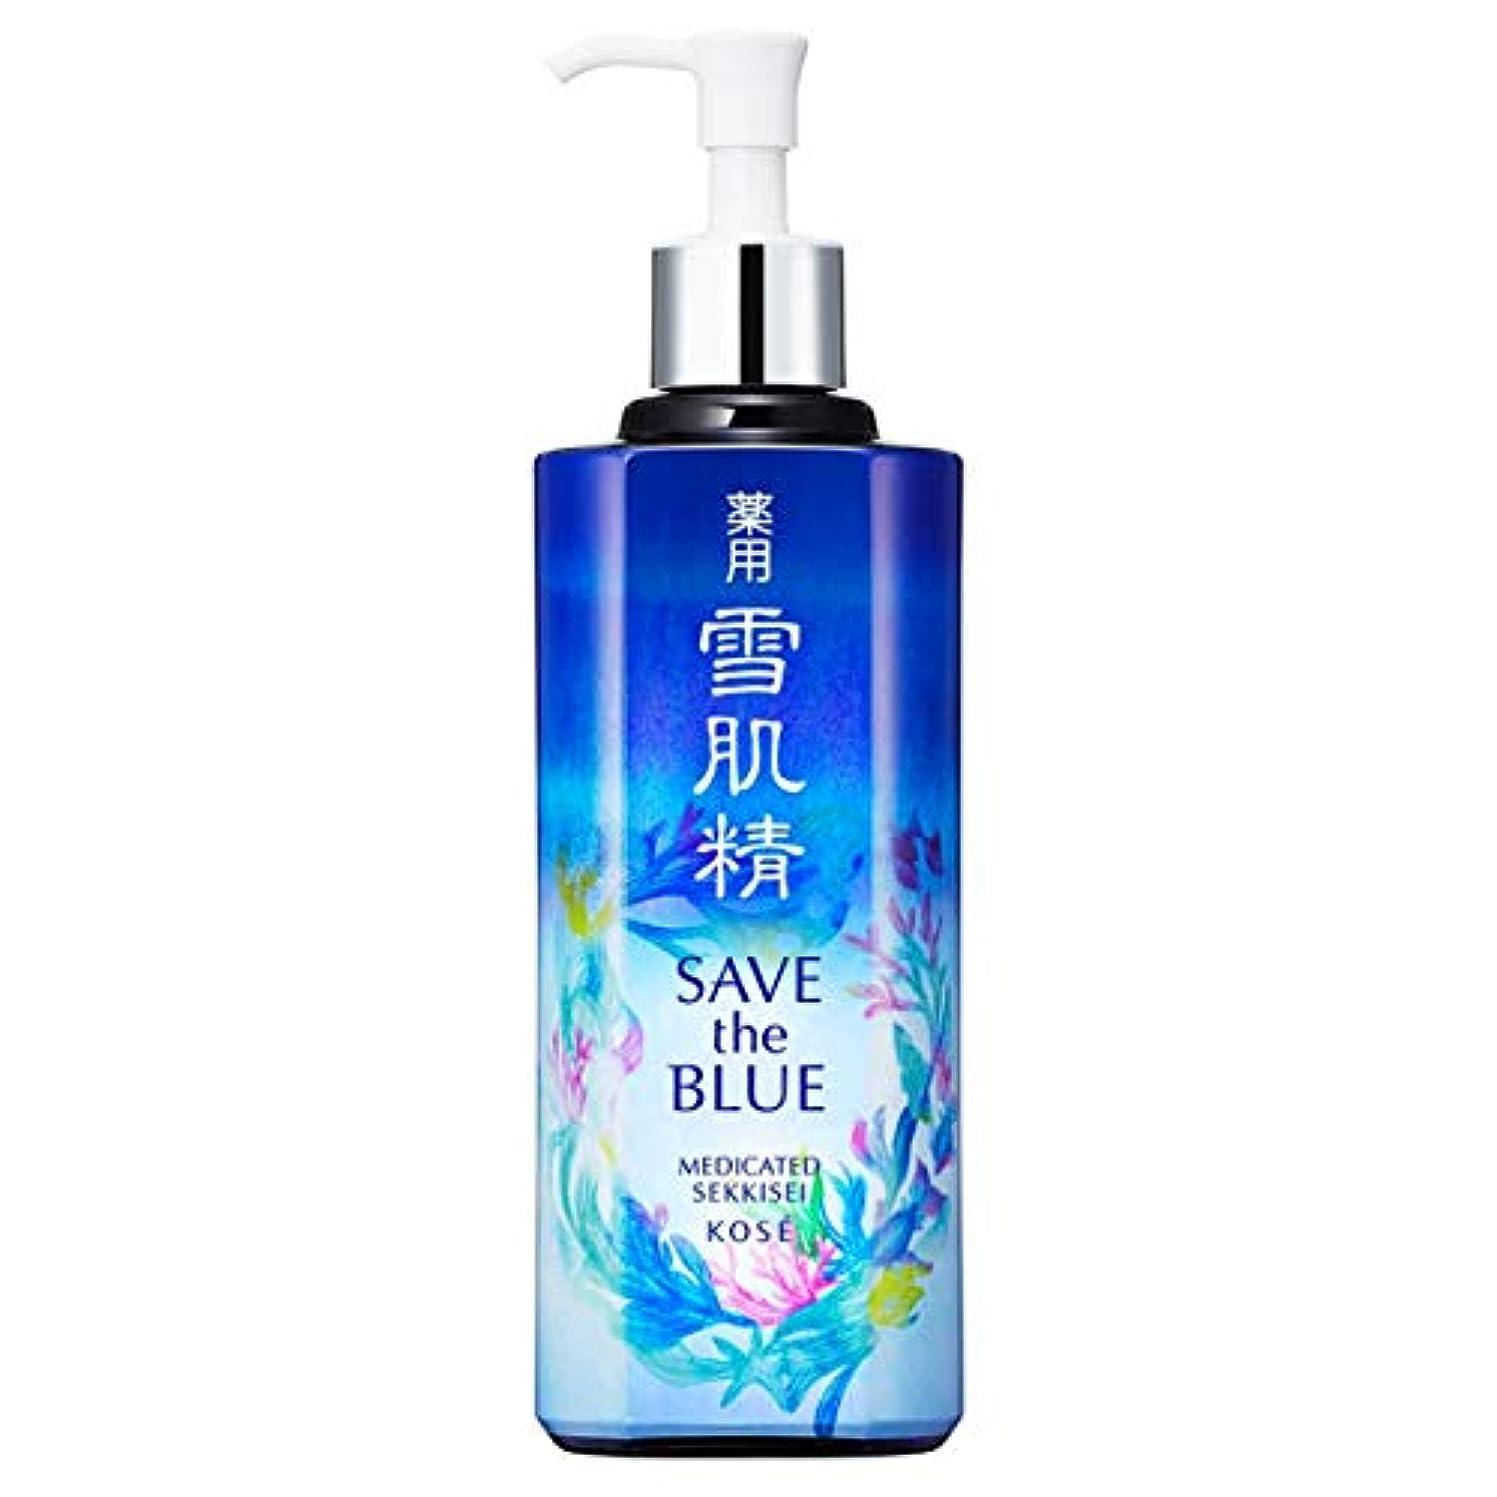 ラフレシアアルノルディ割り当て自我コーセー 雪肌精 化粧水 「SAVE the BLUE」デザインボトル(みずみずしいタイプ) 500ml【限定】